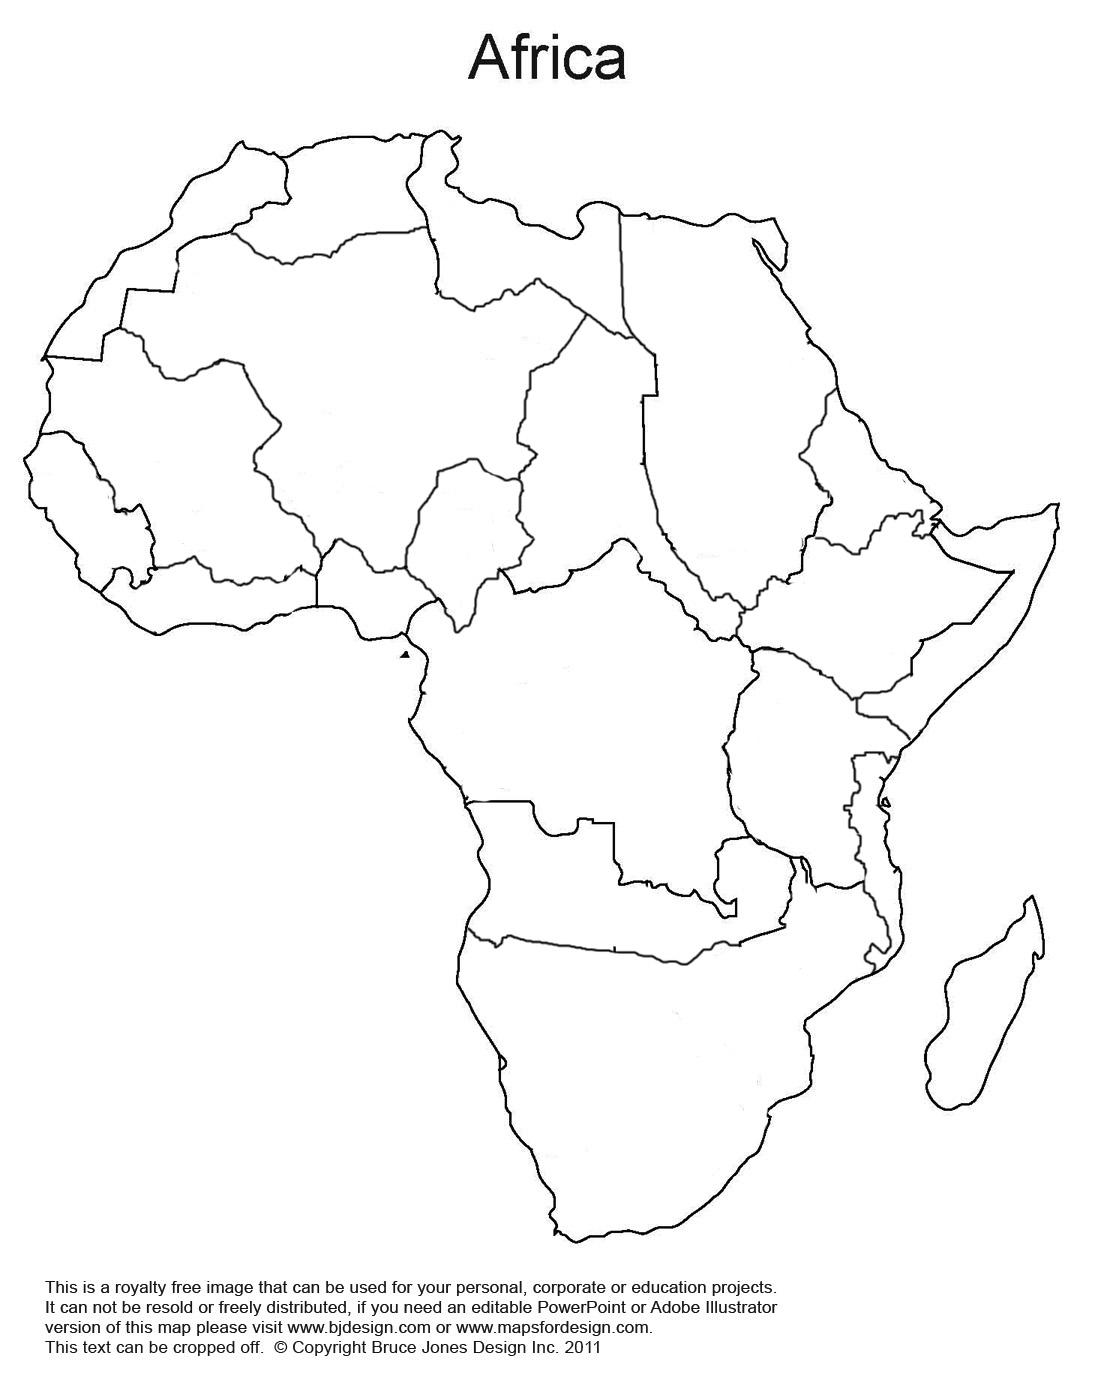 AfricaNoText.jpg